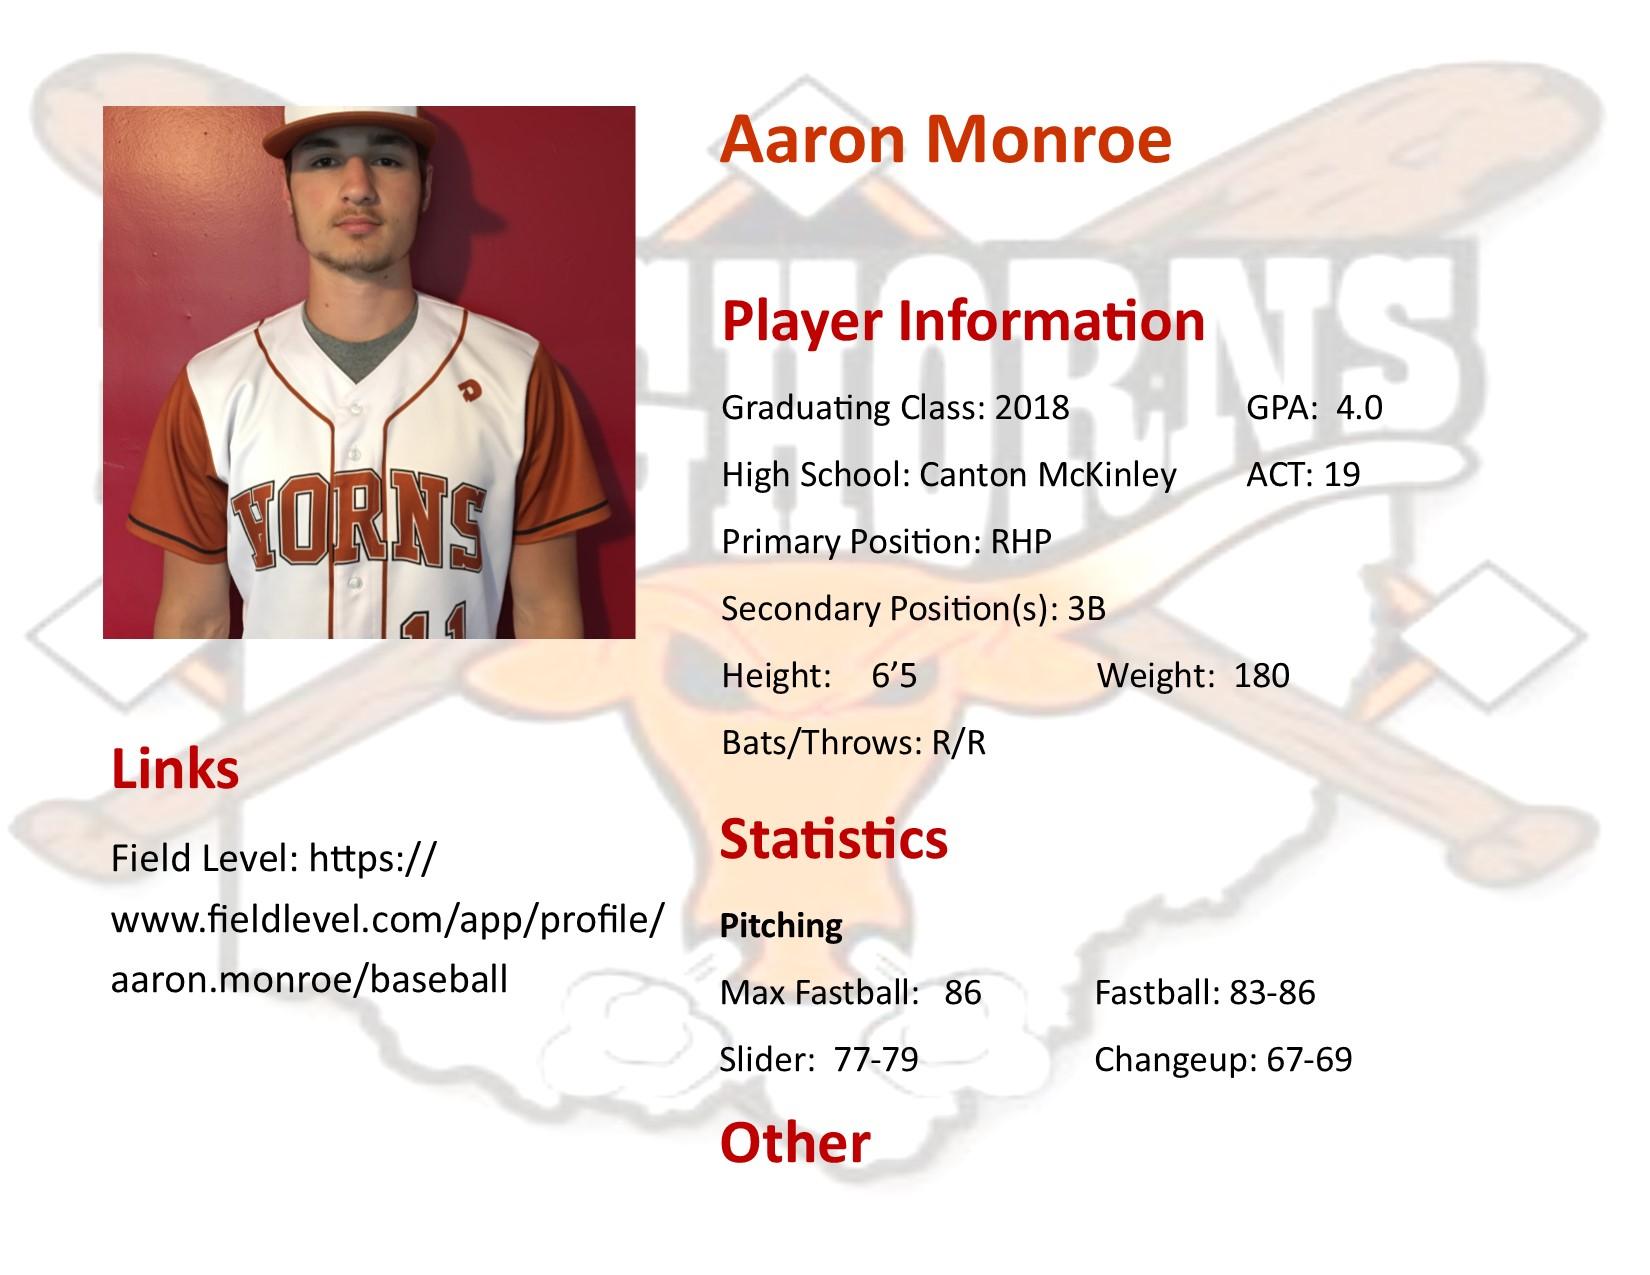 Aaron Monroe